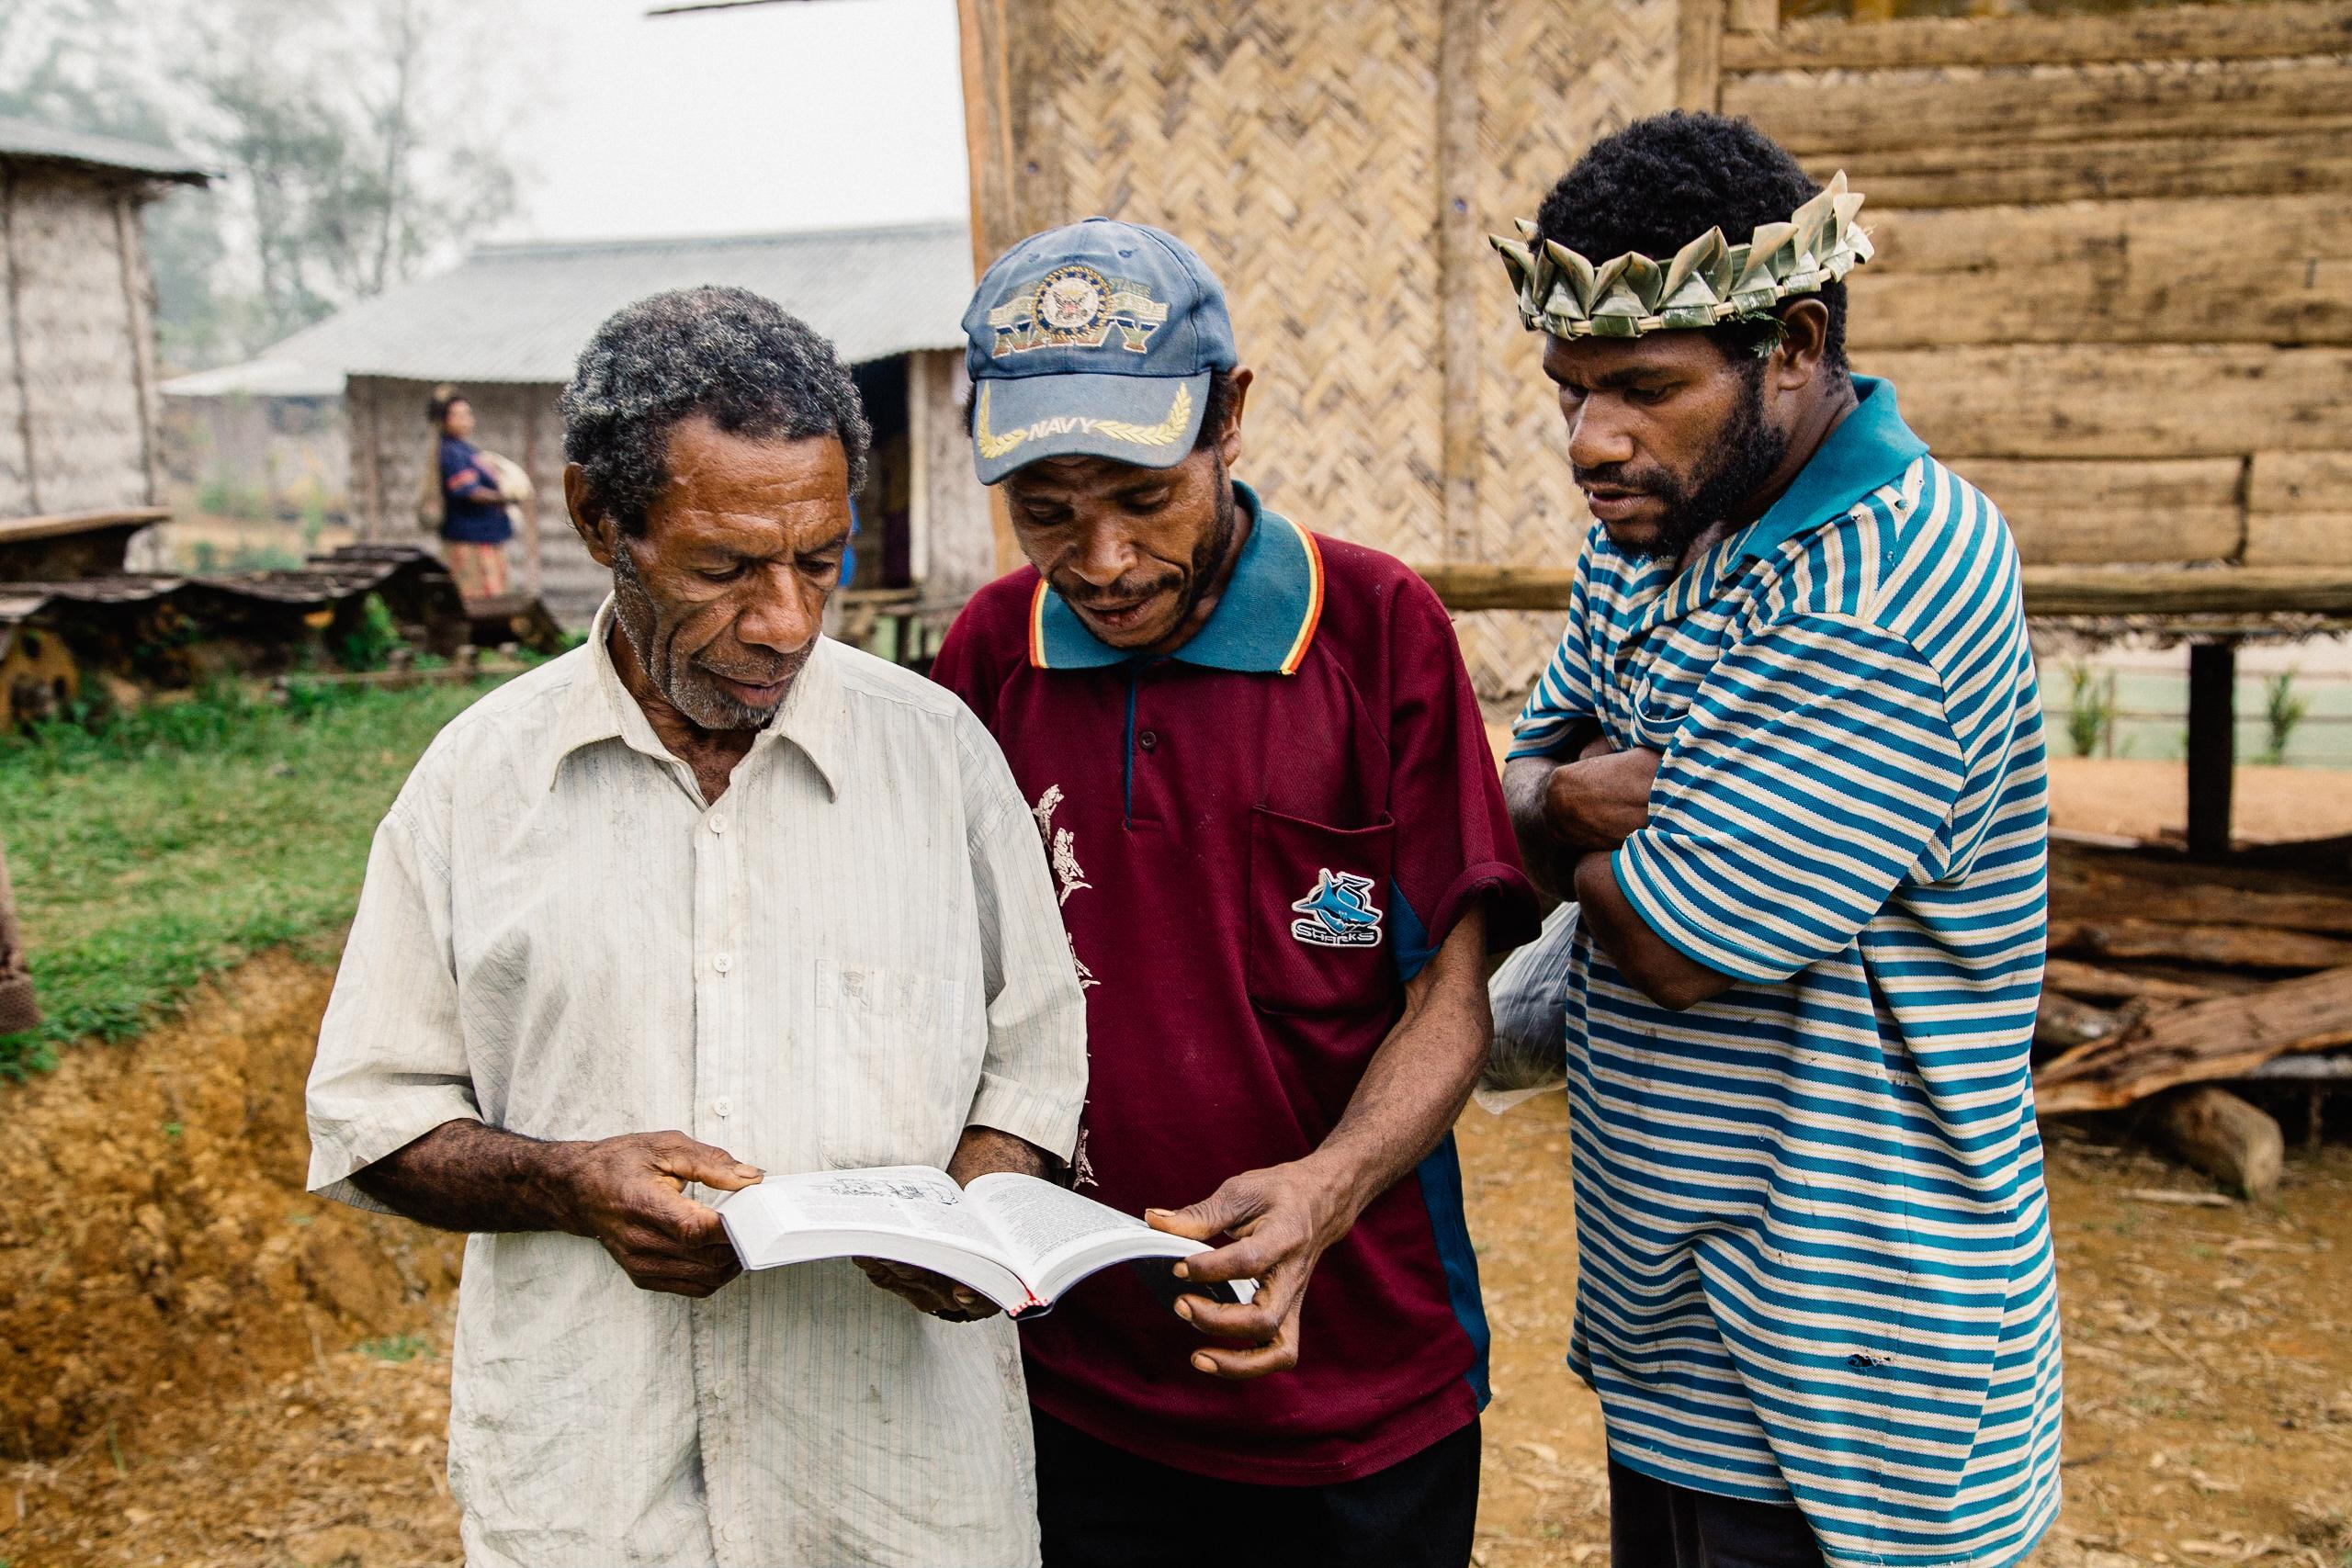 Three Men in Papua New Guinea Reading Scripture